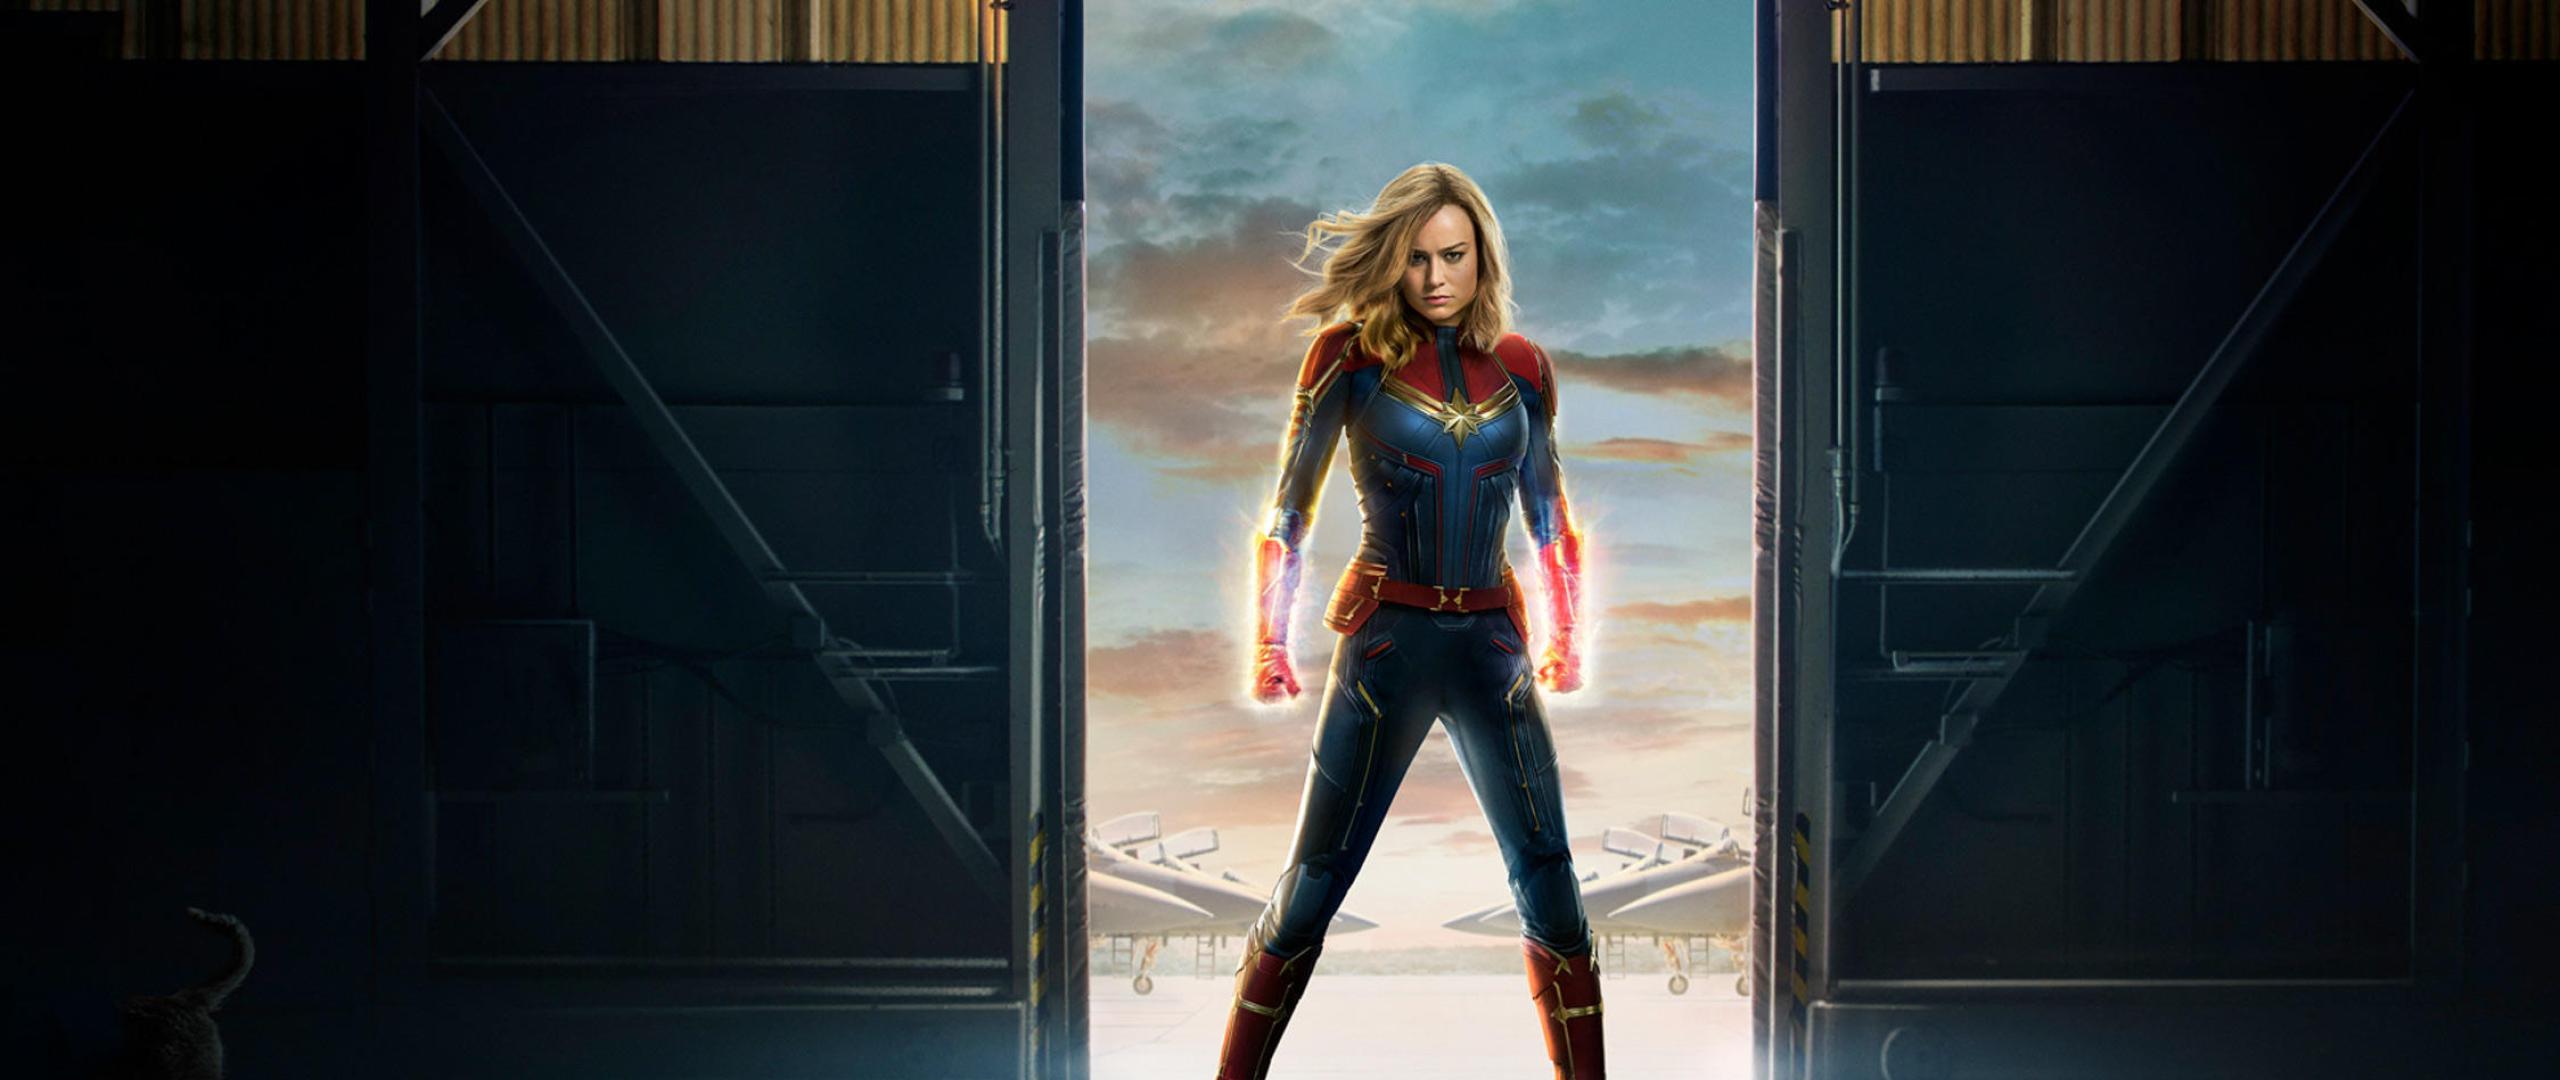 Captain Marvel 2019 Movie Official Poster Full Hd 2k